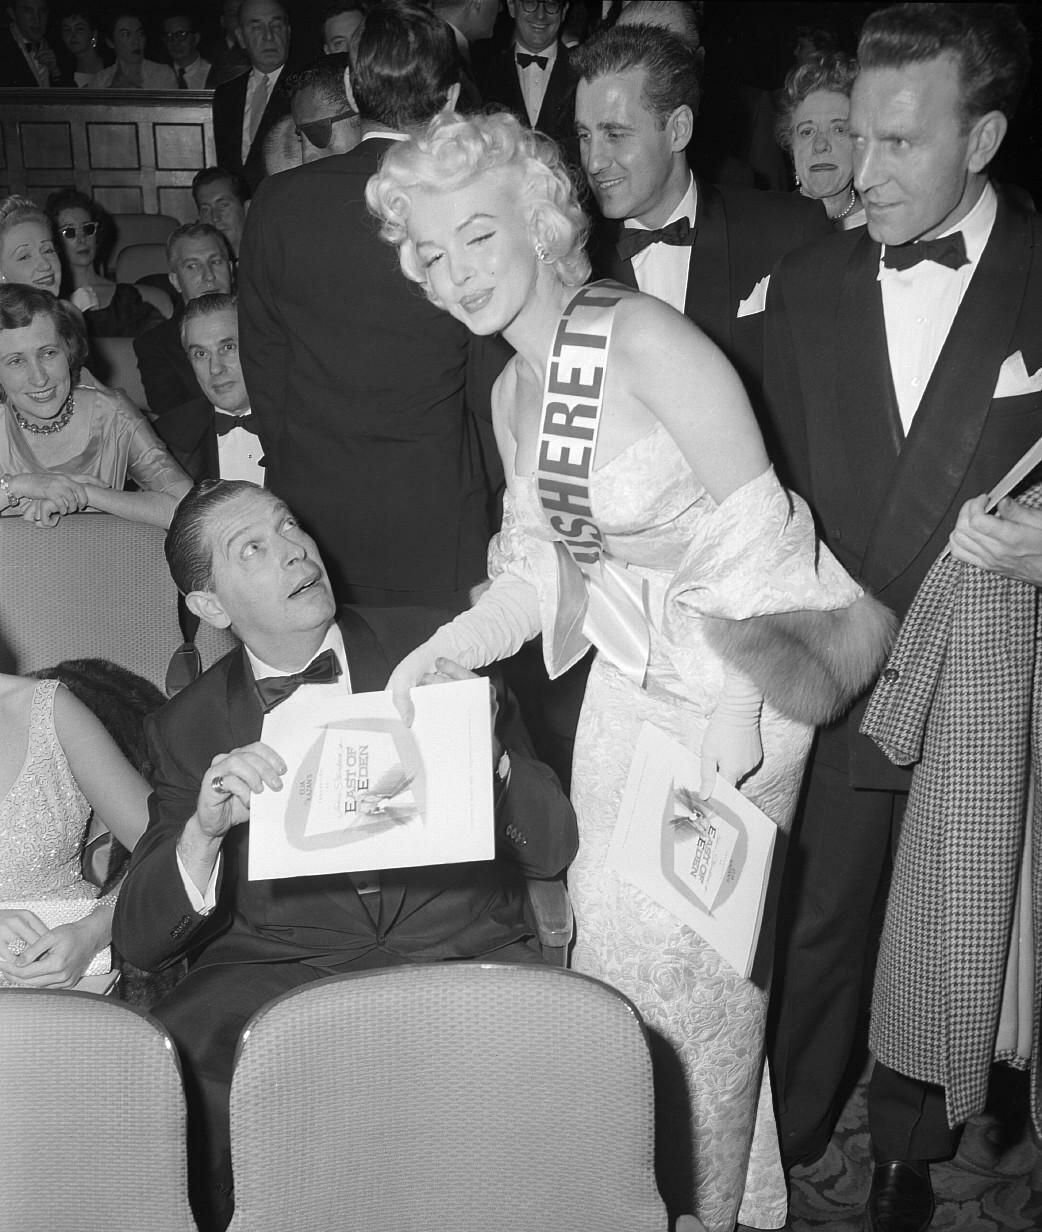 Marilyn Monroe Gives Milton Berle a Program